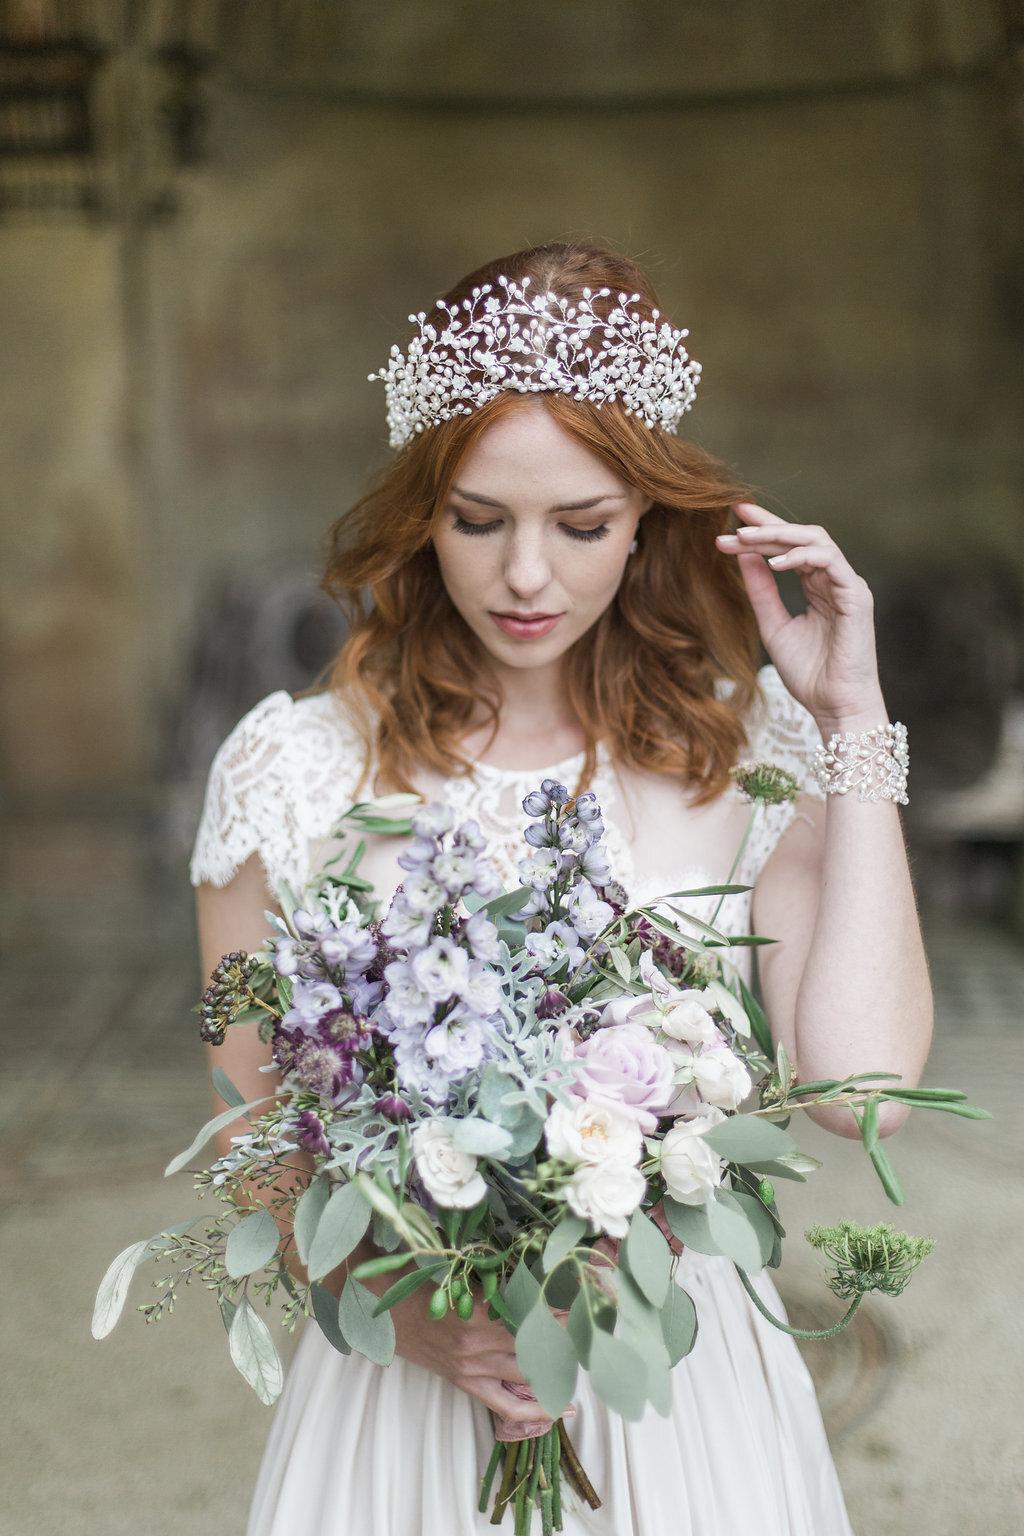 Hãy lựa chọn màu của phụ kiện tóc cưới hợp với màu áo cưới và màu trang sức cưới